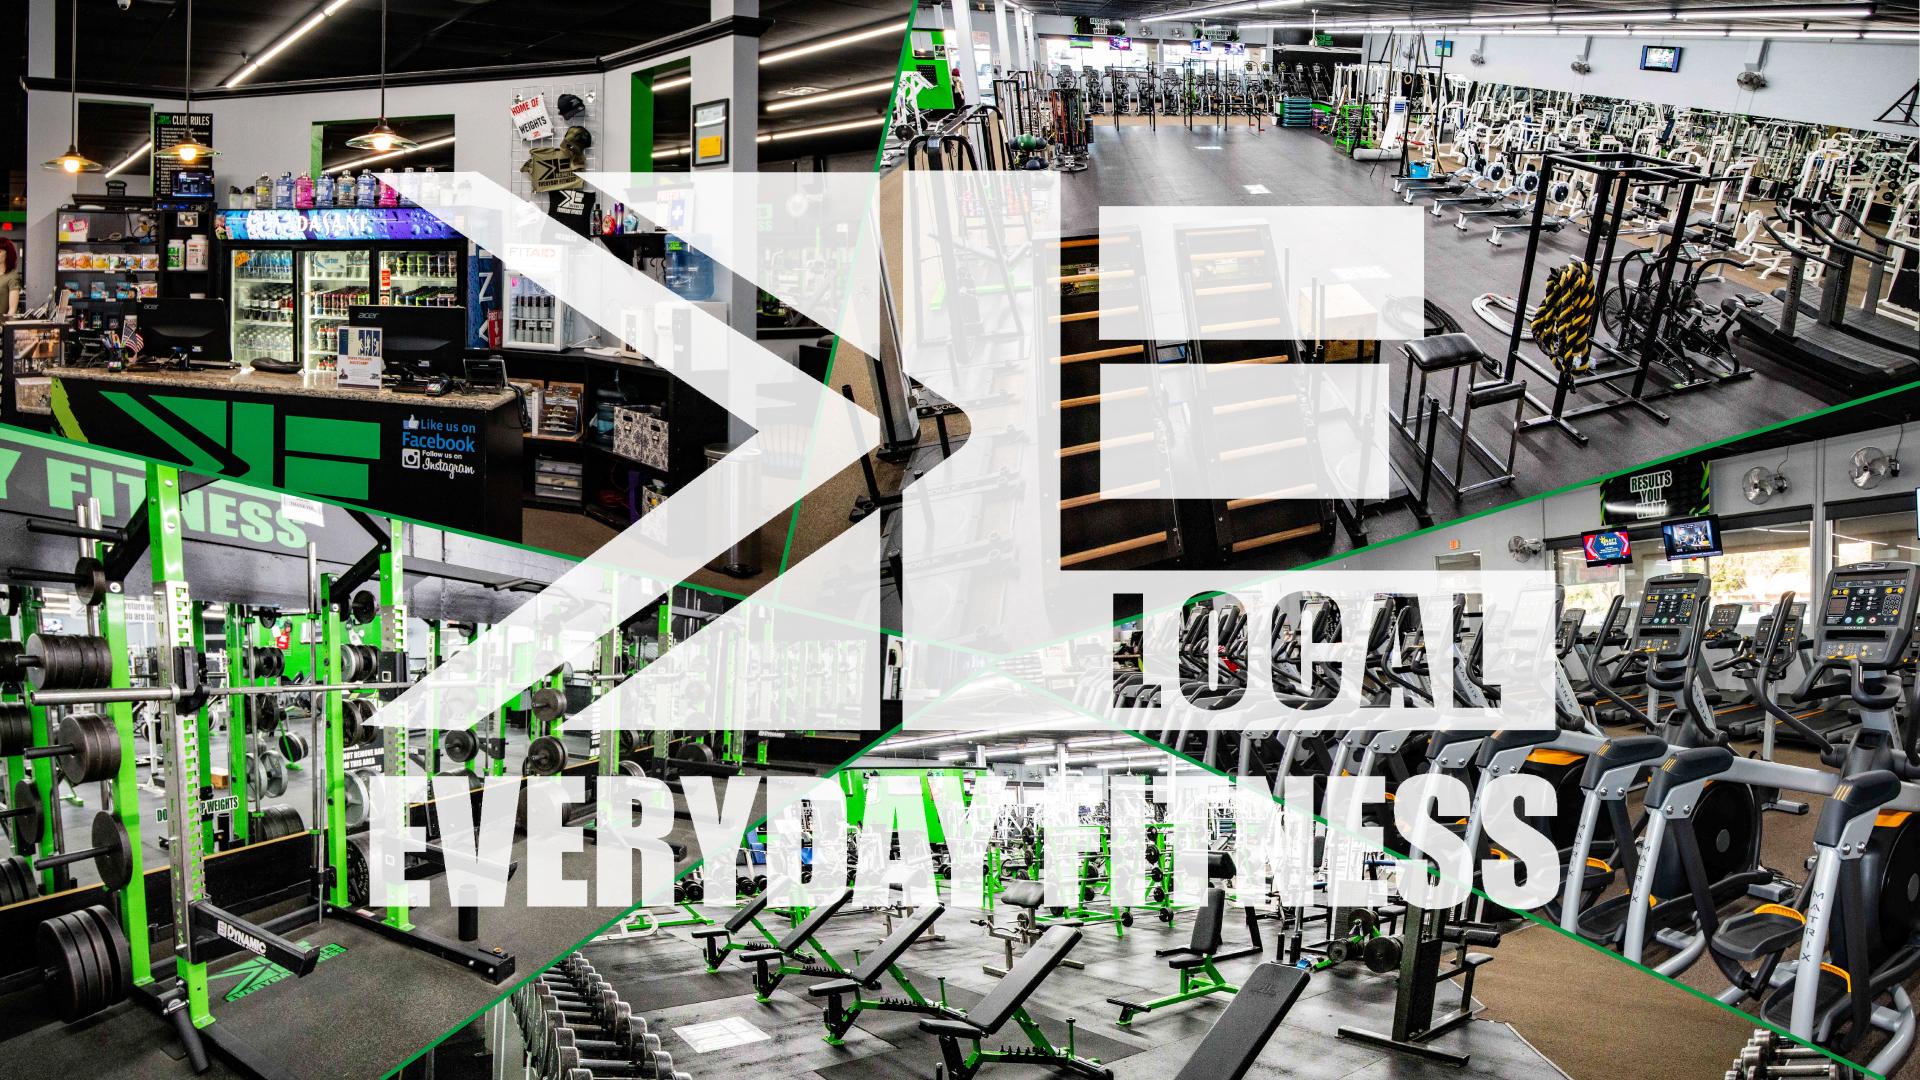 EveryDay-Fitness-Redding-CA-Best-Gym.jpg